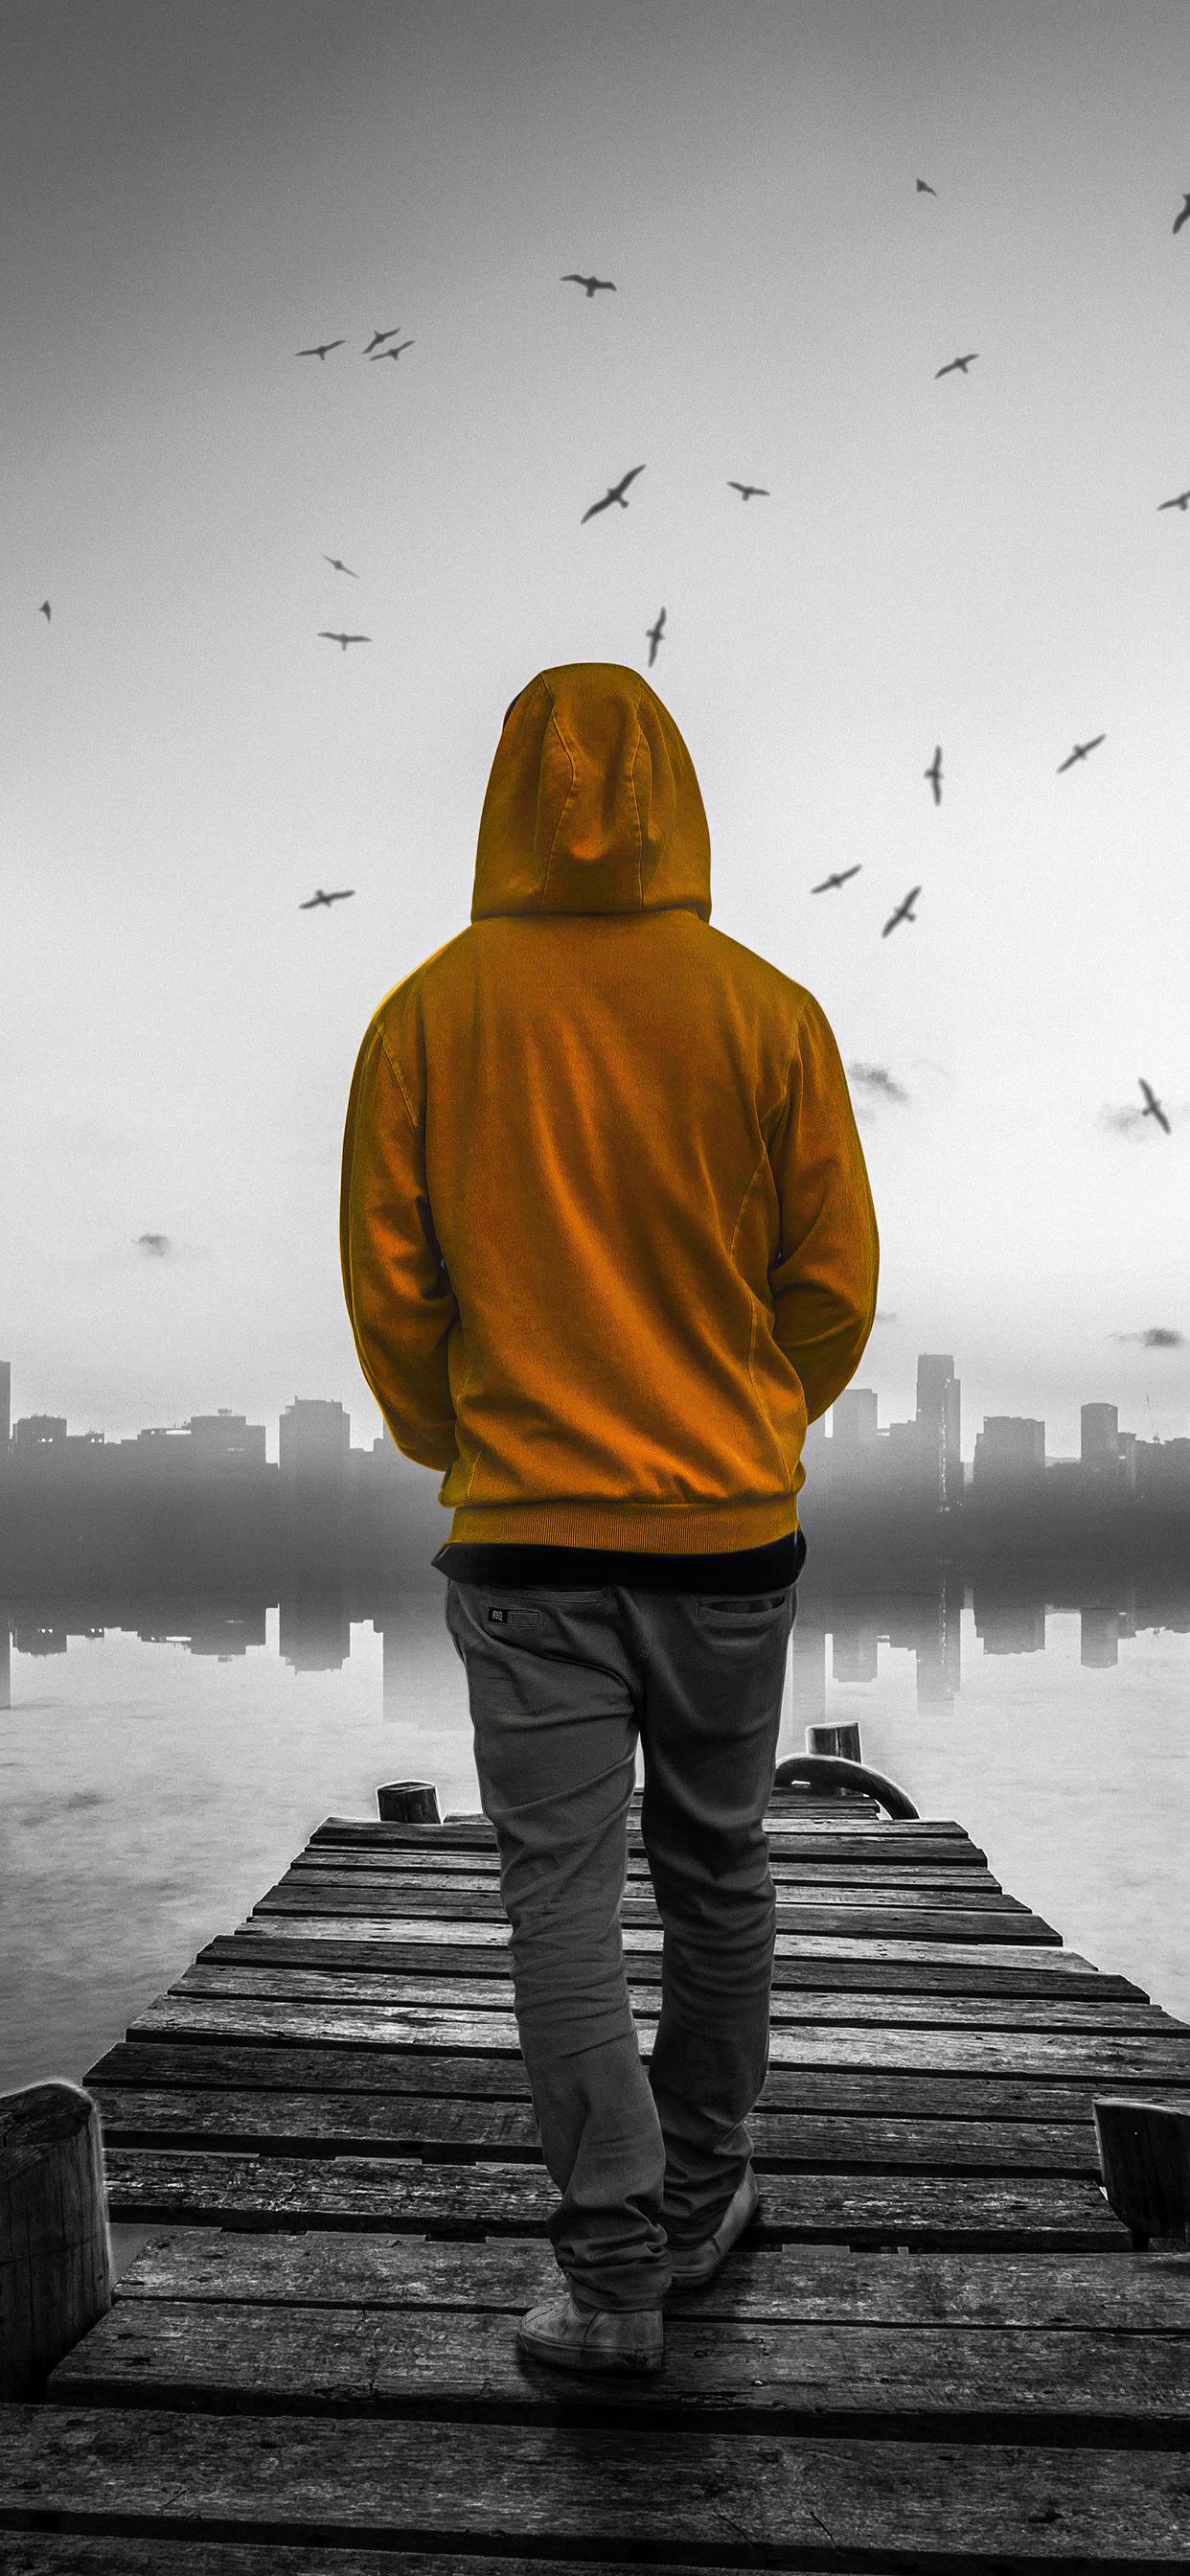 hoodie-guy-walking-towards-pier-4k-76.jpg